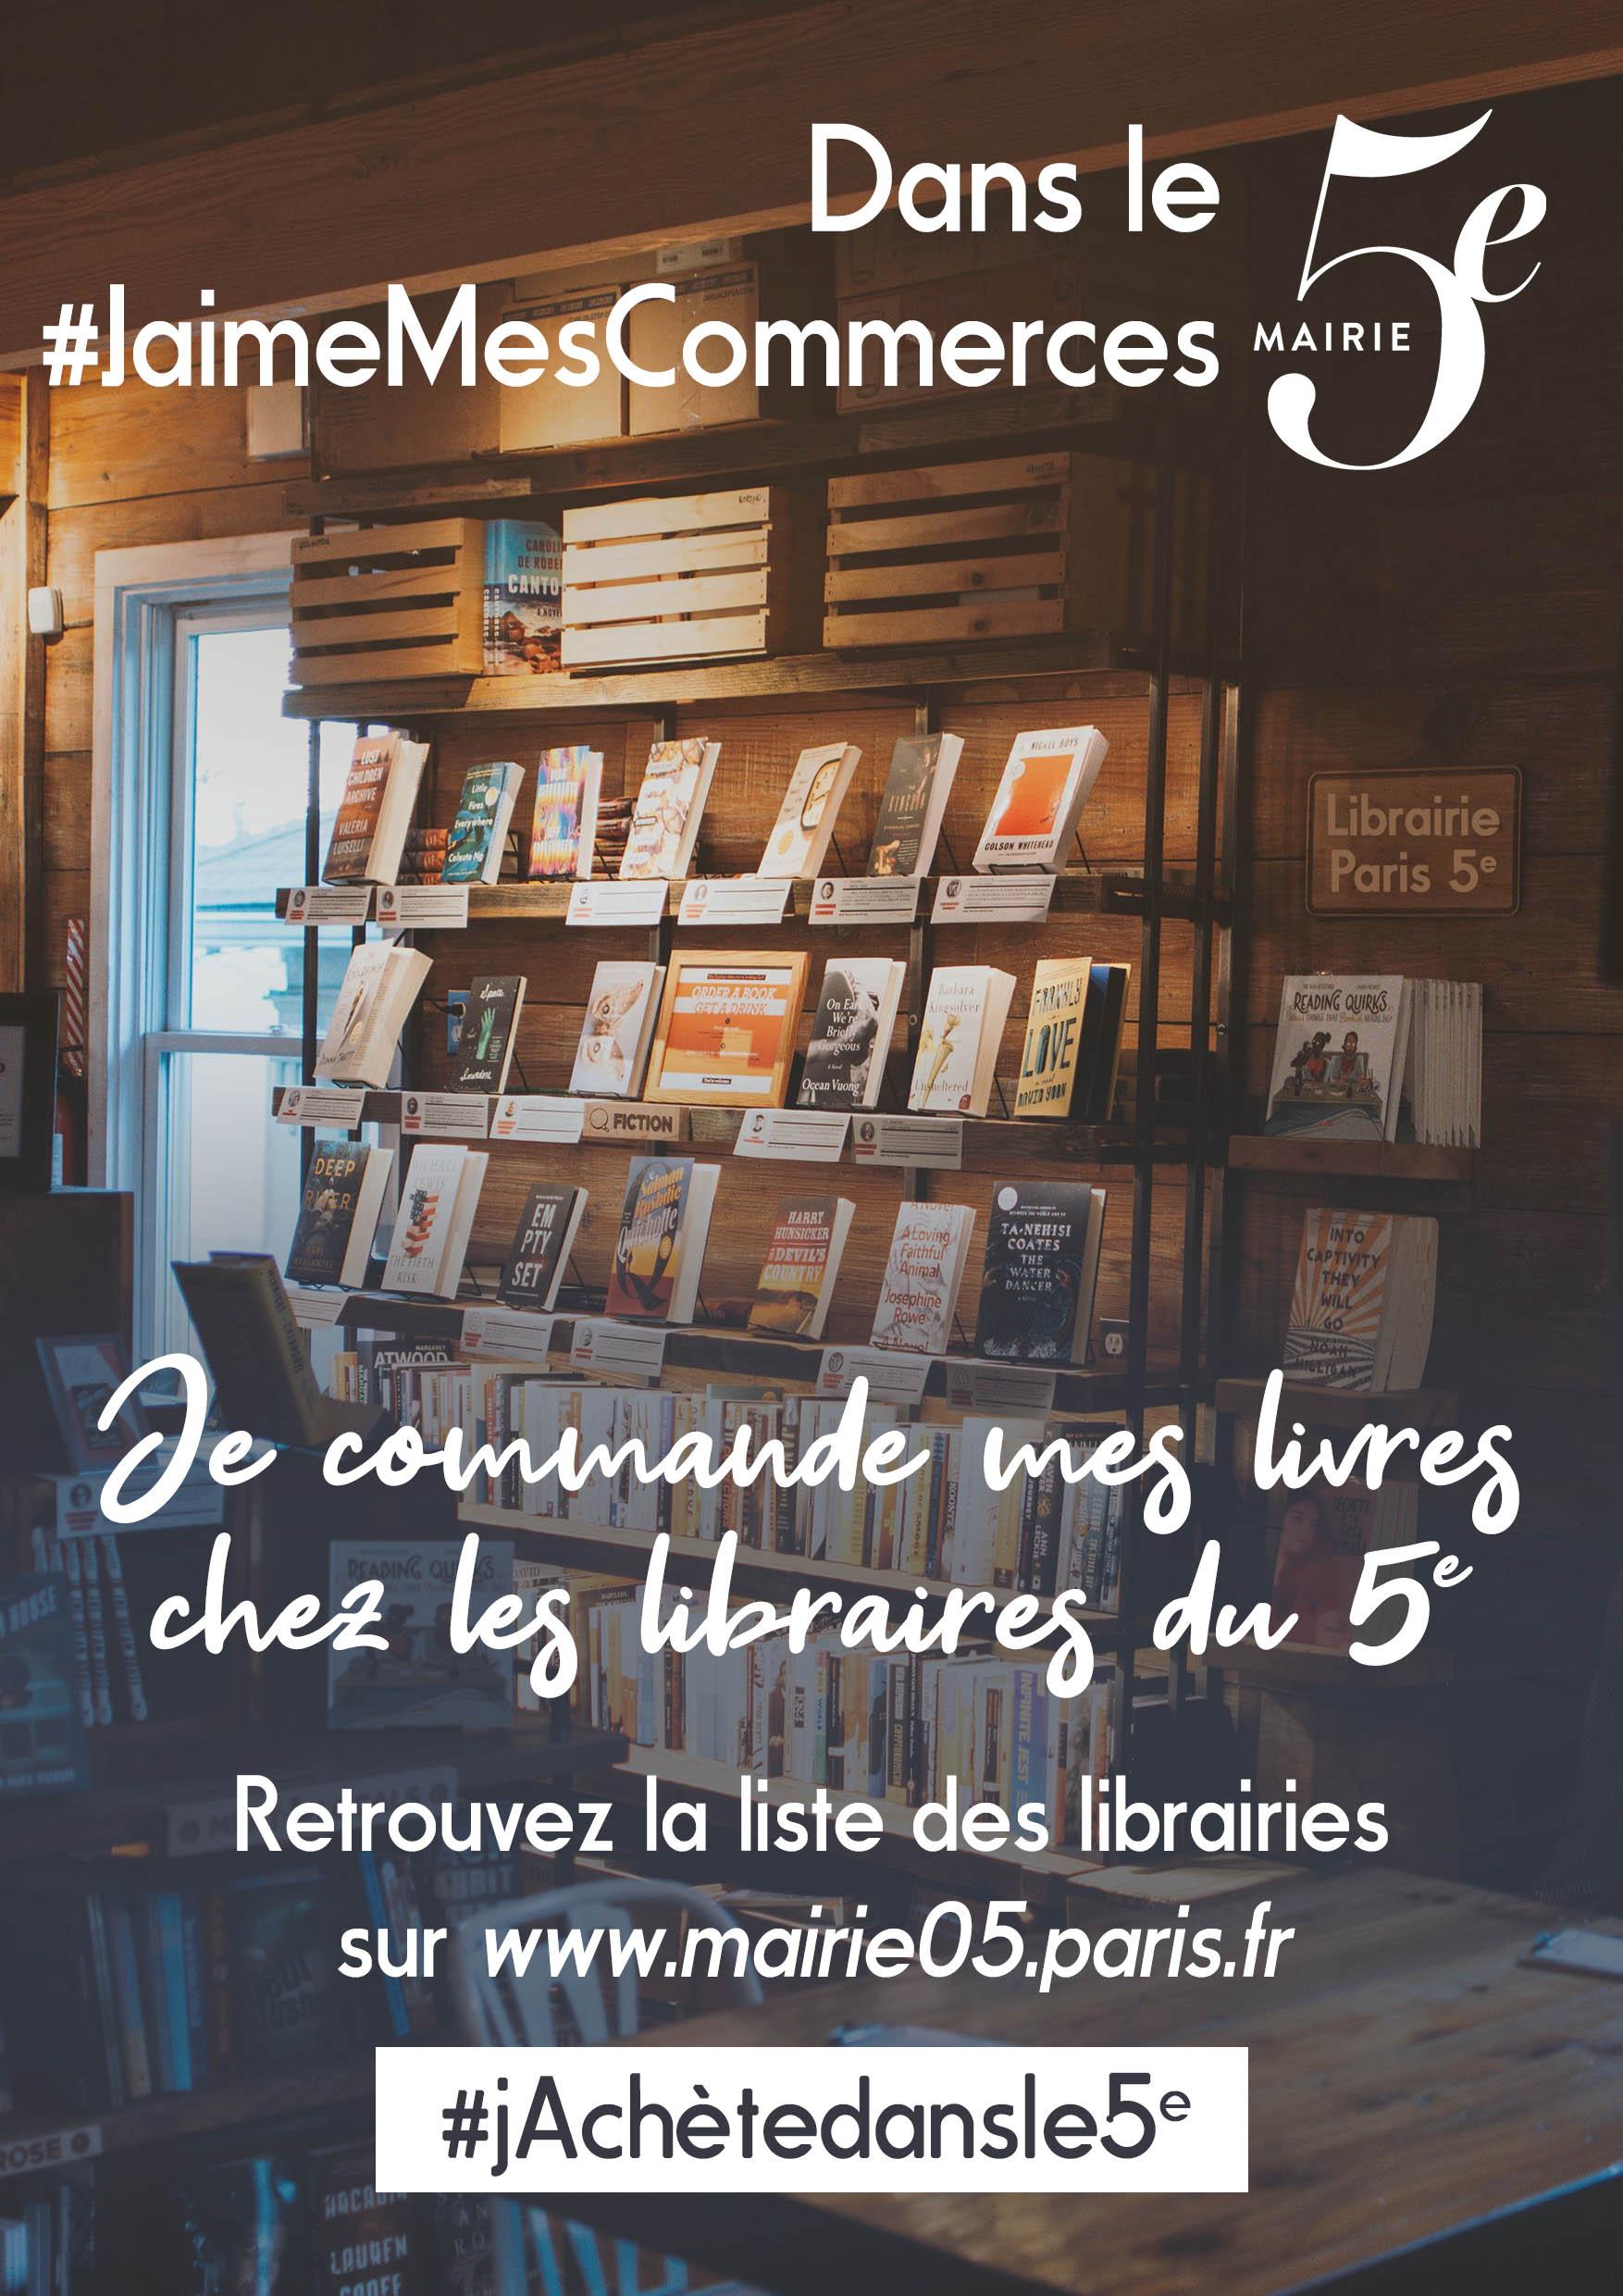 Affiche de soutien aux libraires du 5e